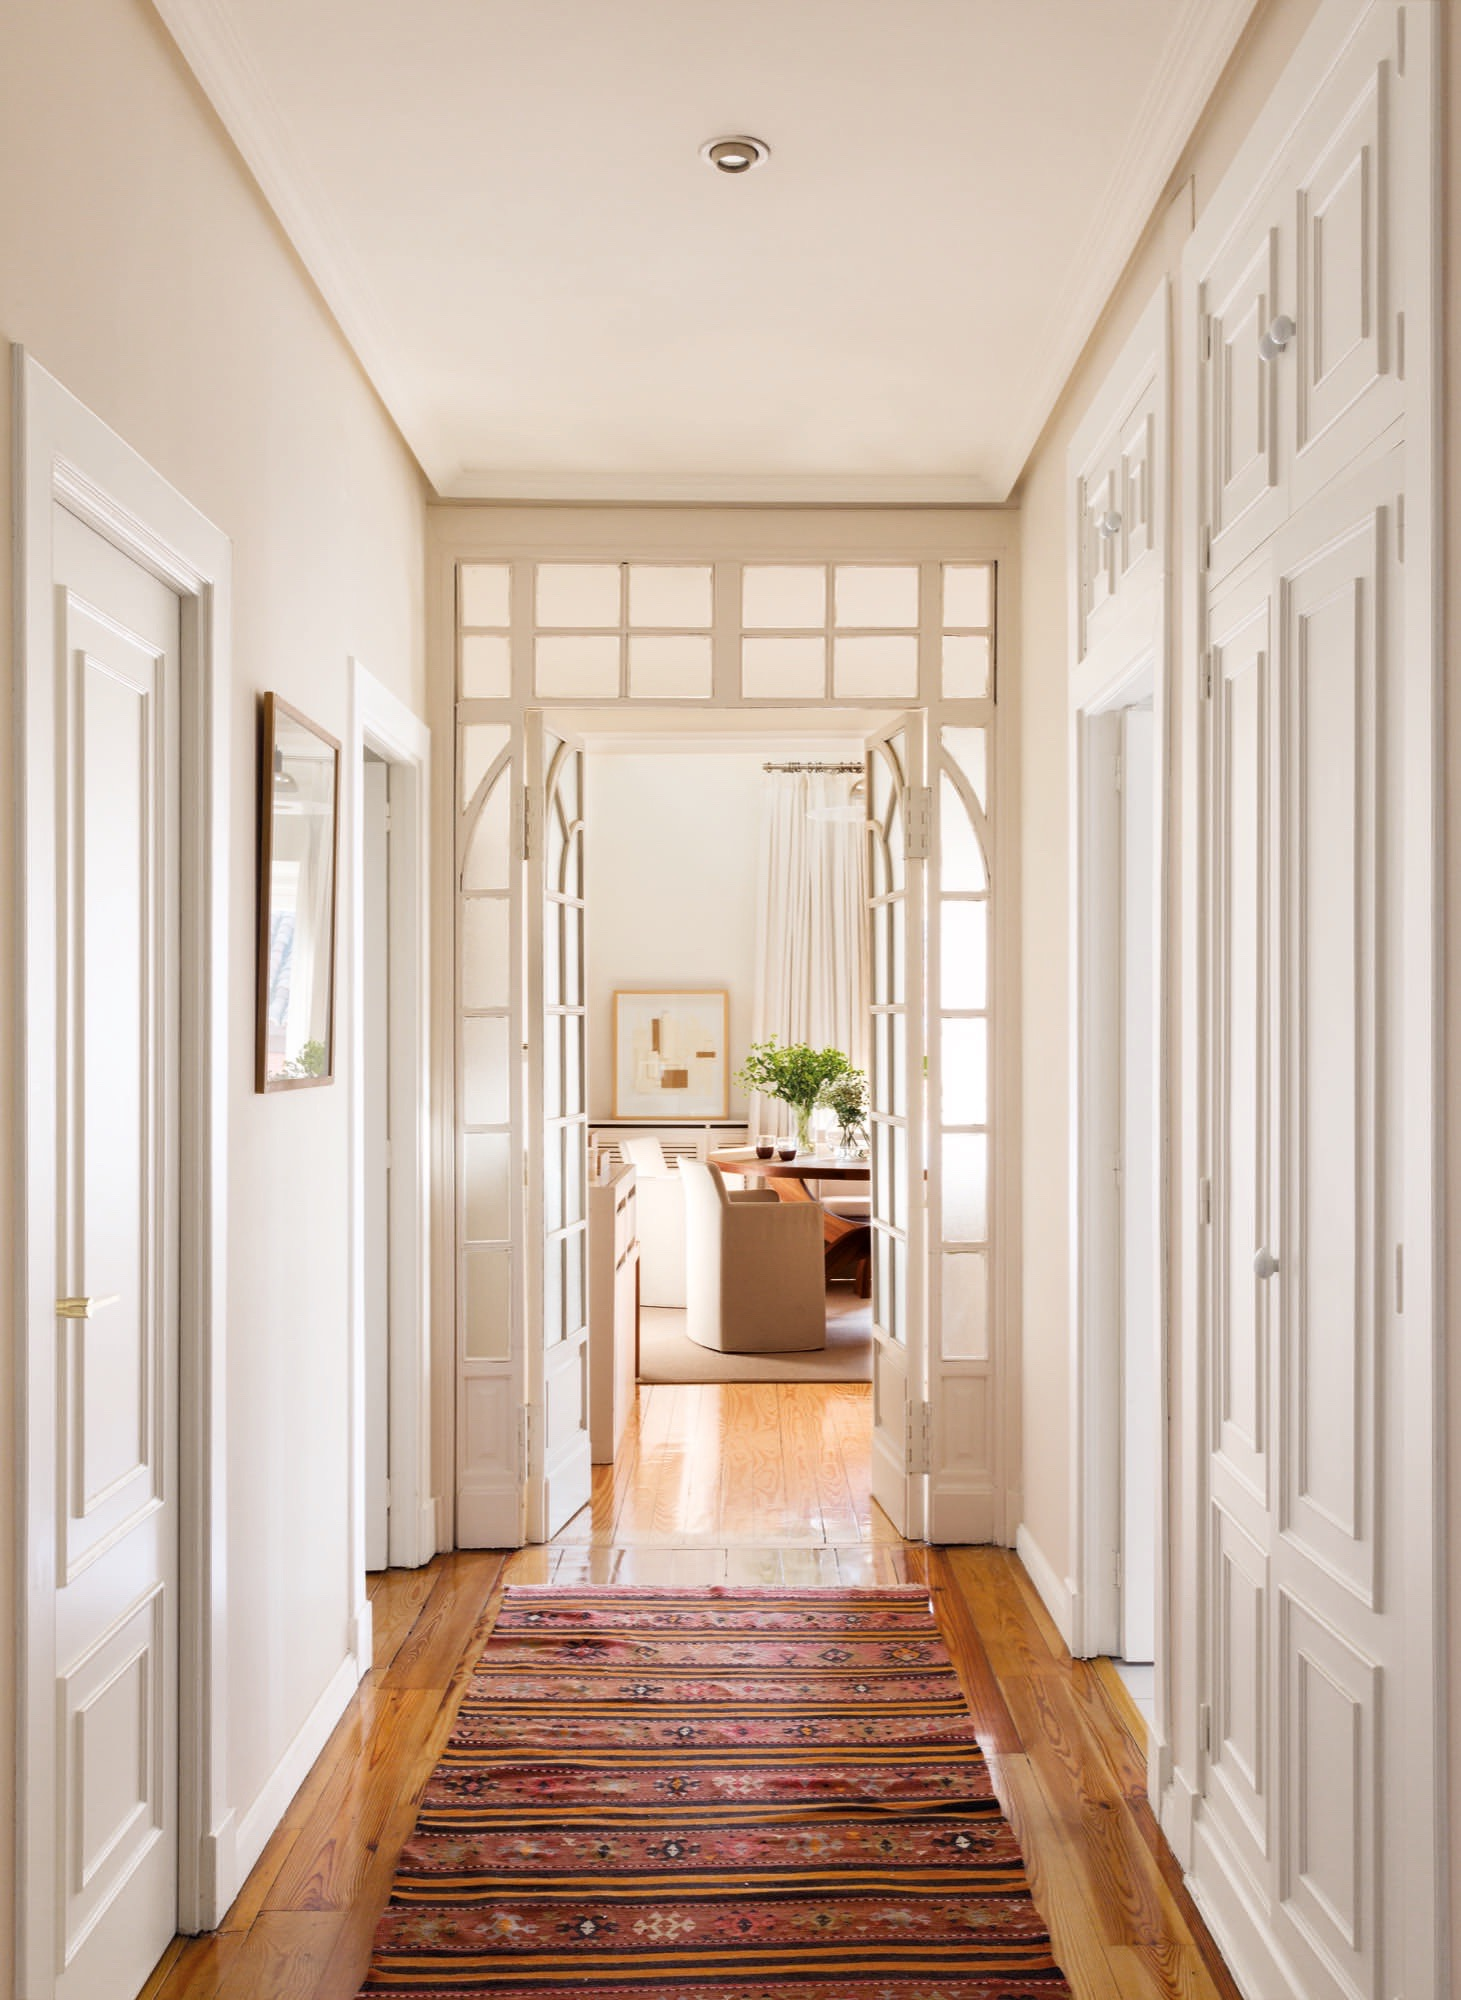 Visitamos 8 casas muy distintas por toda espa a - Decoracion puertas blancas ...